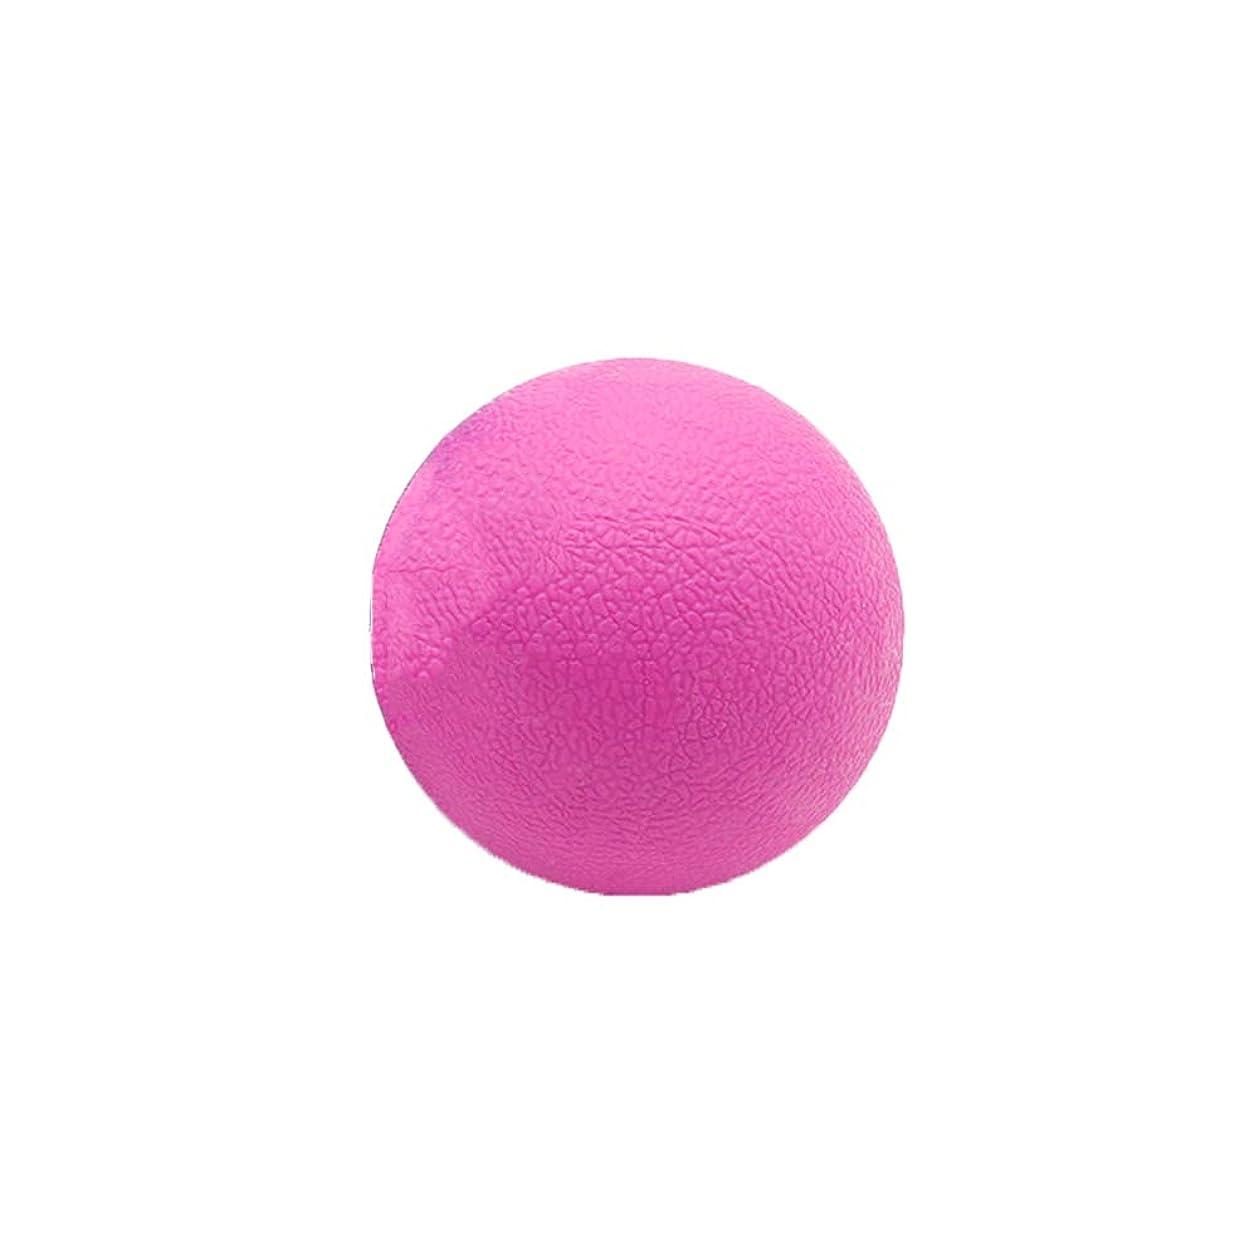 最適病的セレナTyou ロングホッケー ボール ストレッチ リリース マッサージボール 足部 マッサージボール 背中 筋肉 トレーニングボール ピンク